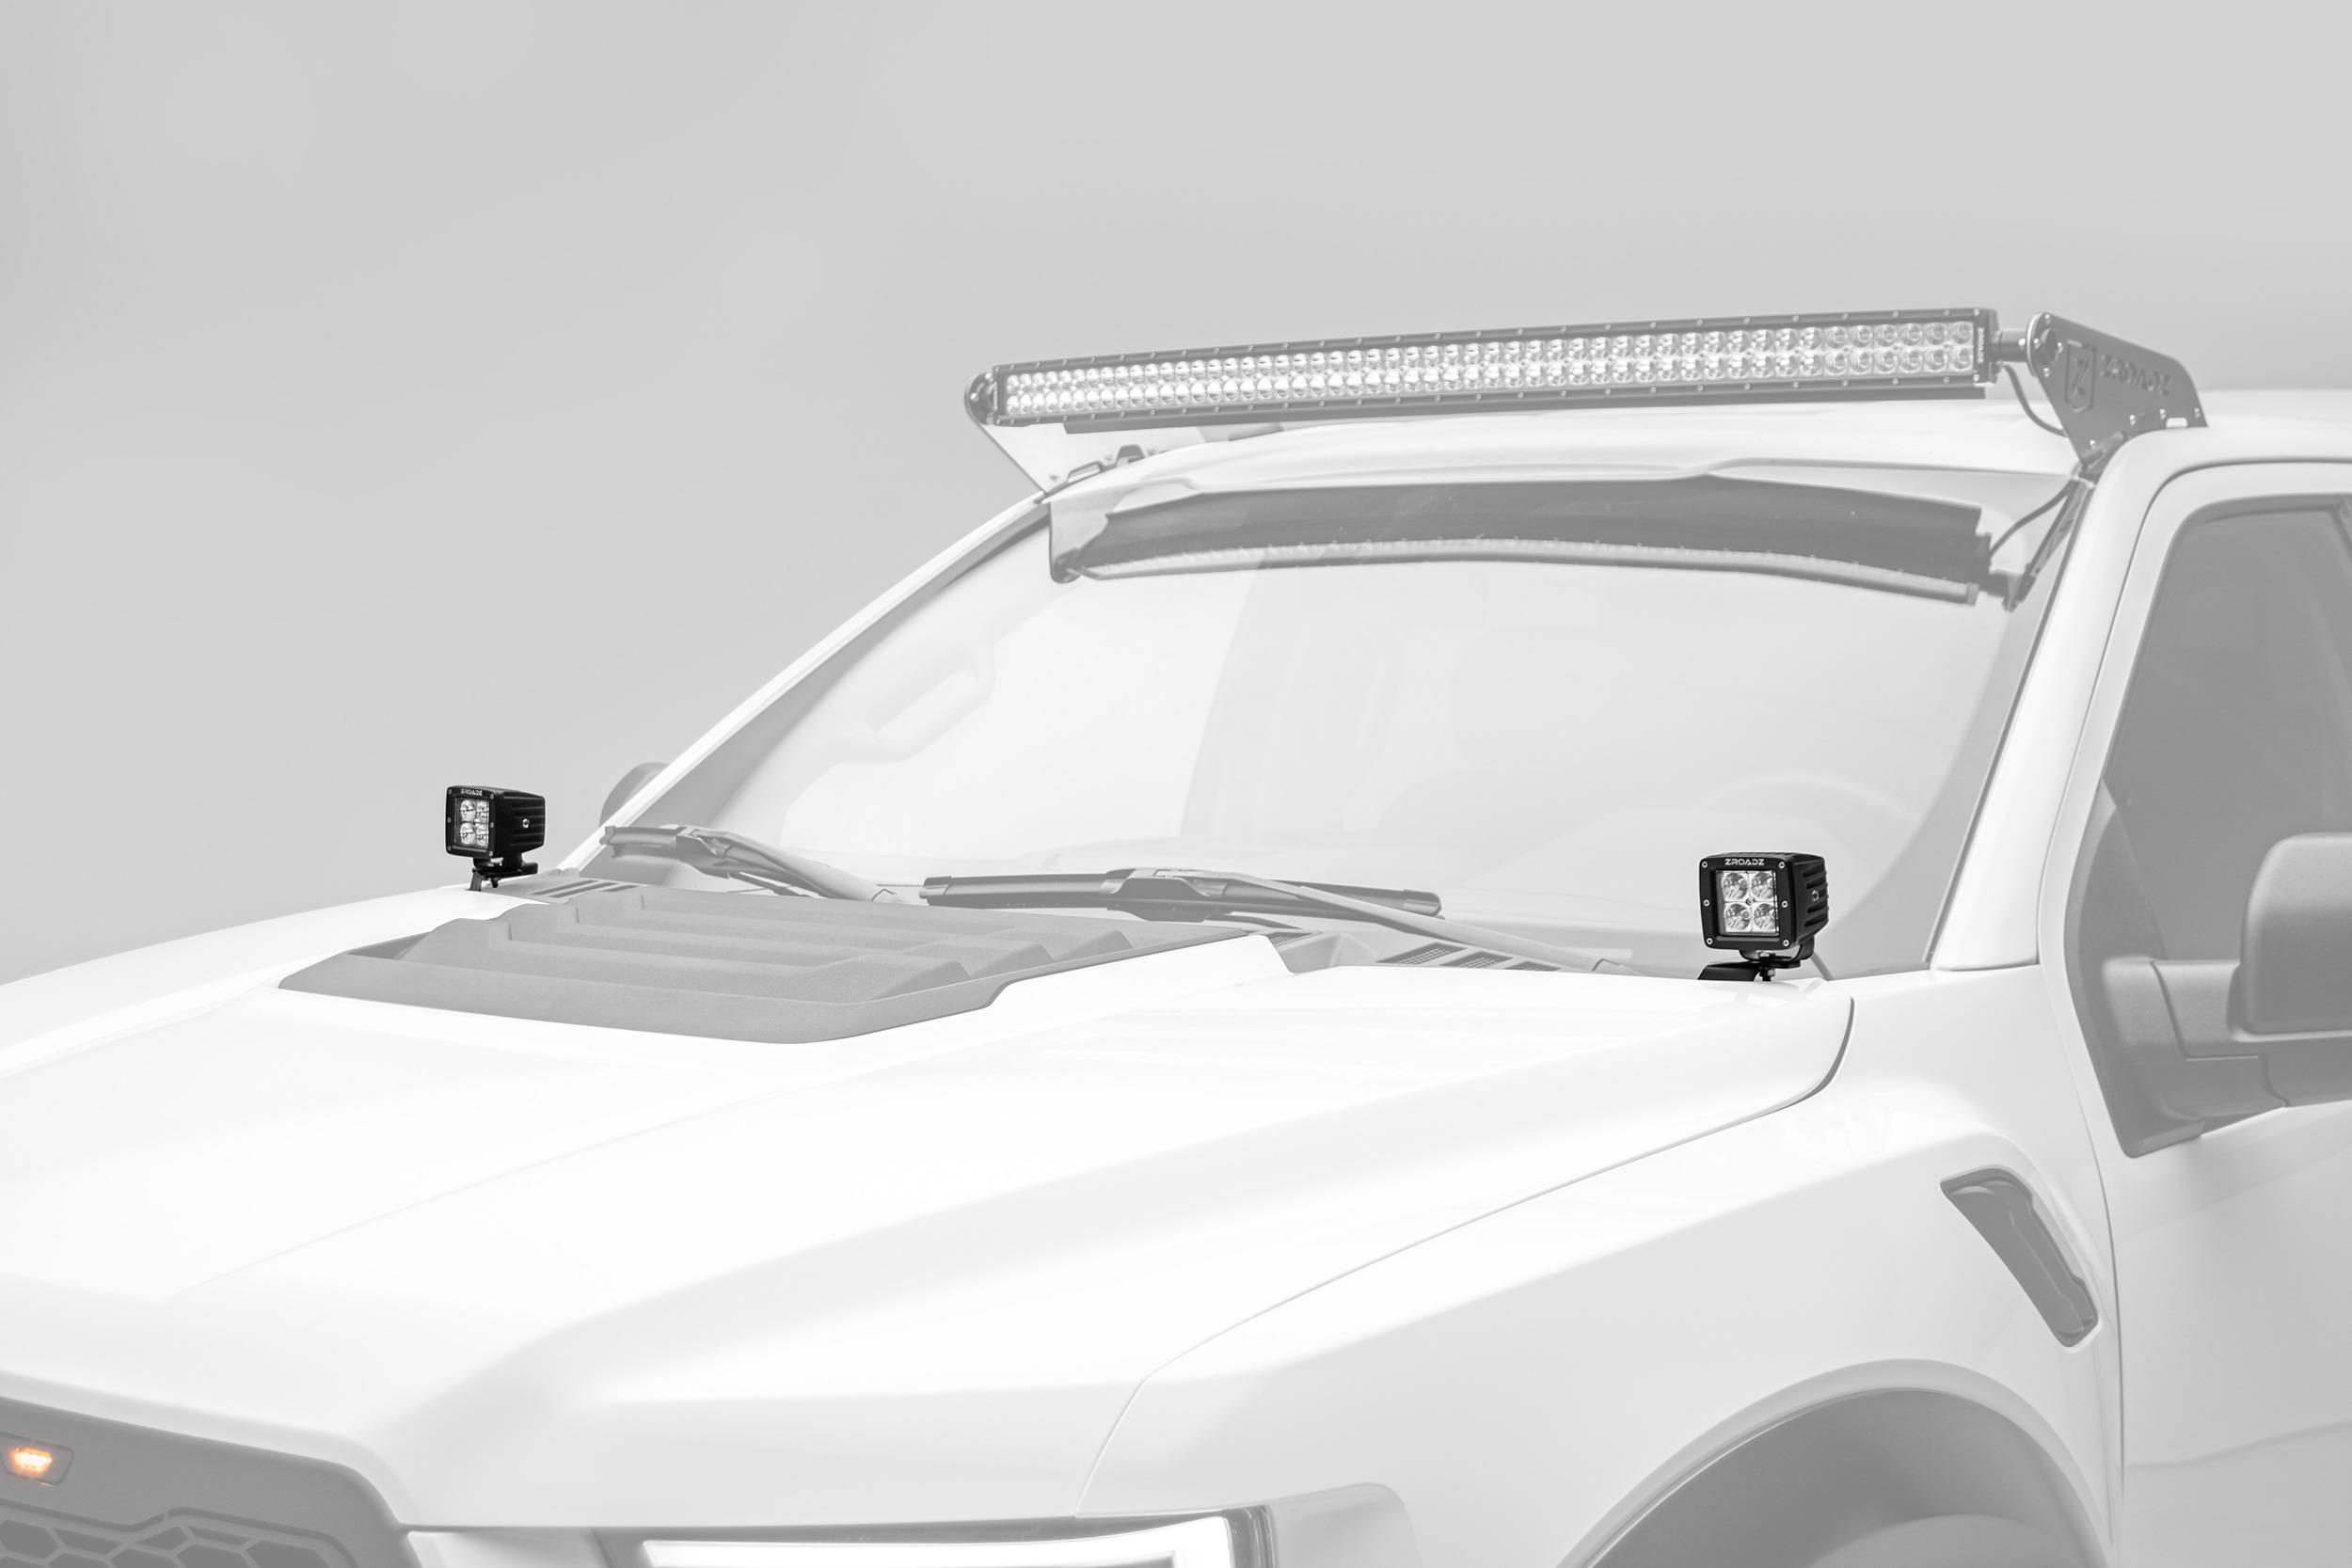 2017-2019 Ford F-150 Raptor Hood Hinge LED Kit, Incl. (2) 3 Inch LED Pod Lights - PN #Z365701-KIT2